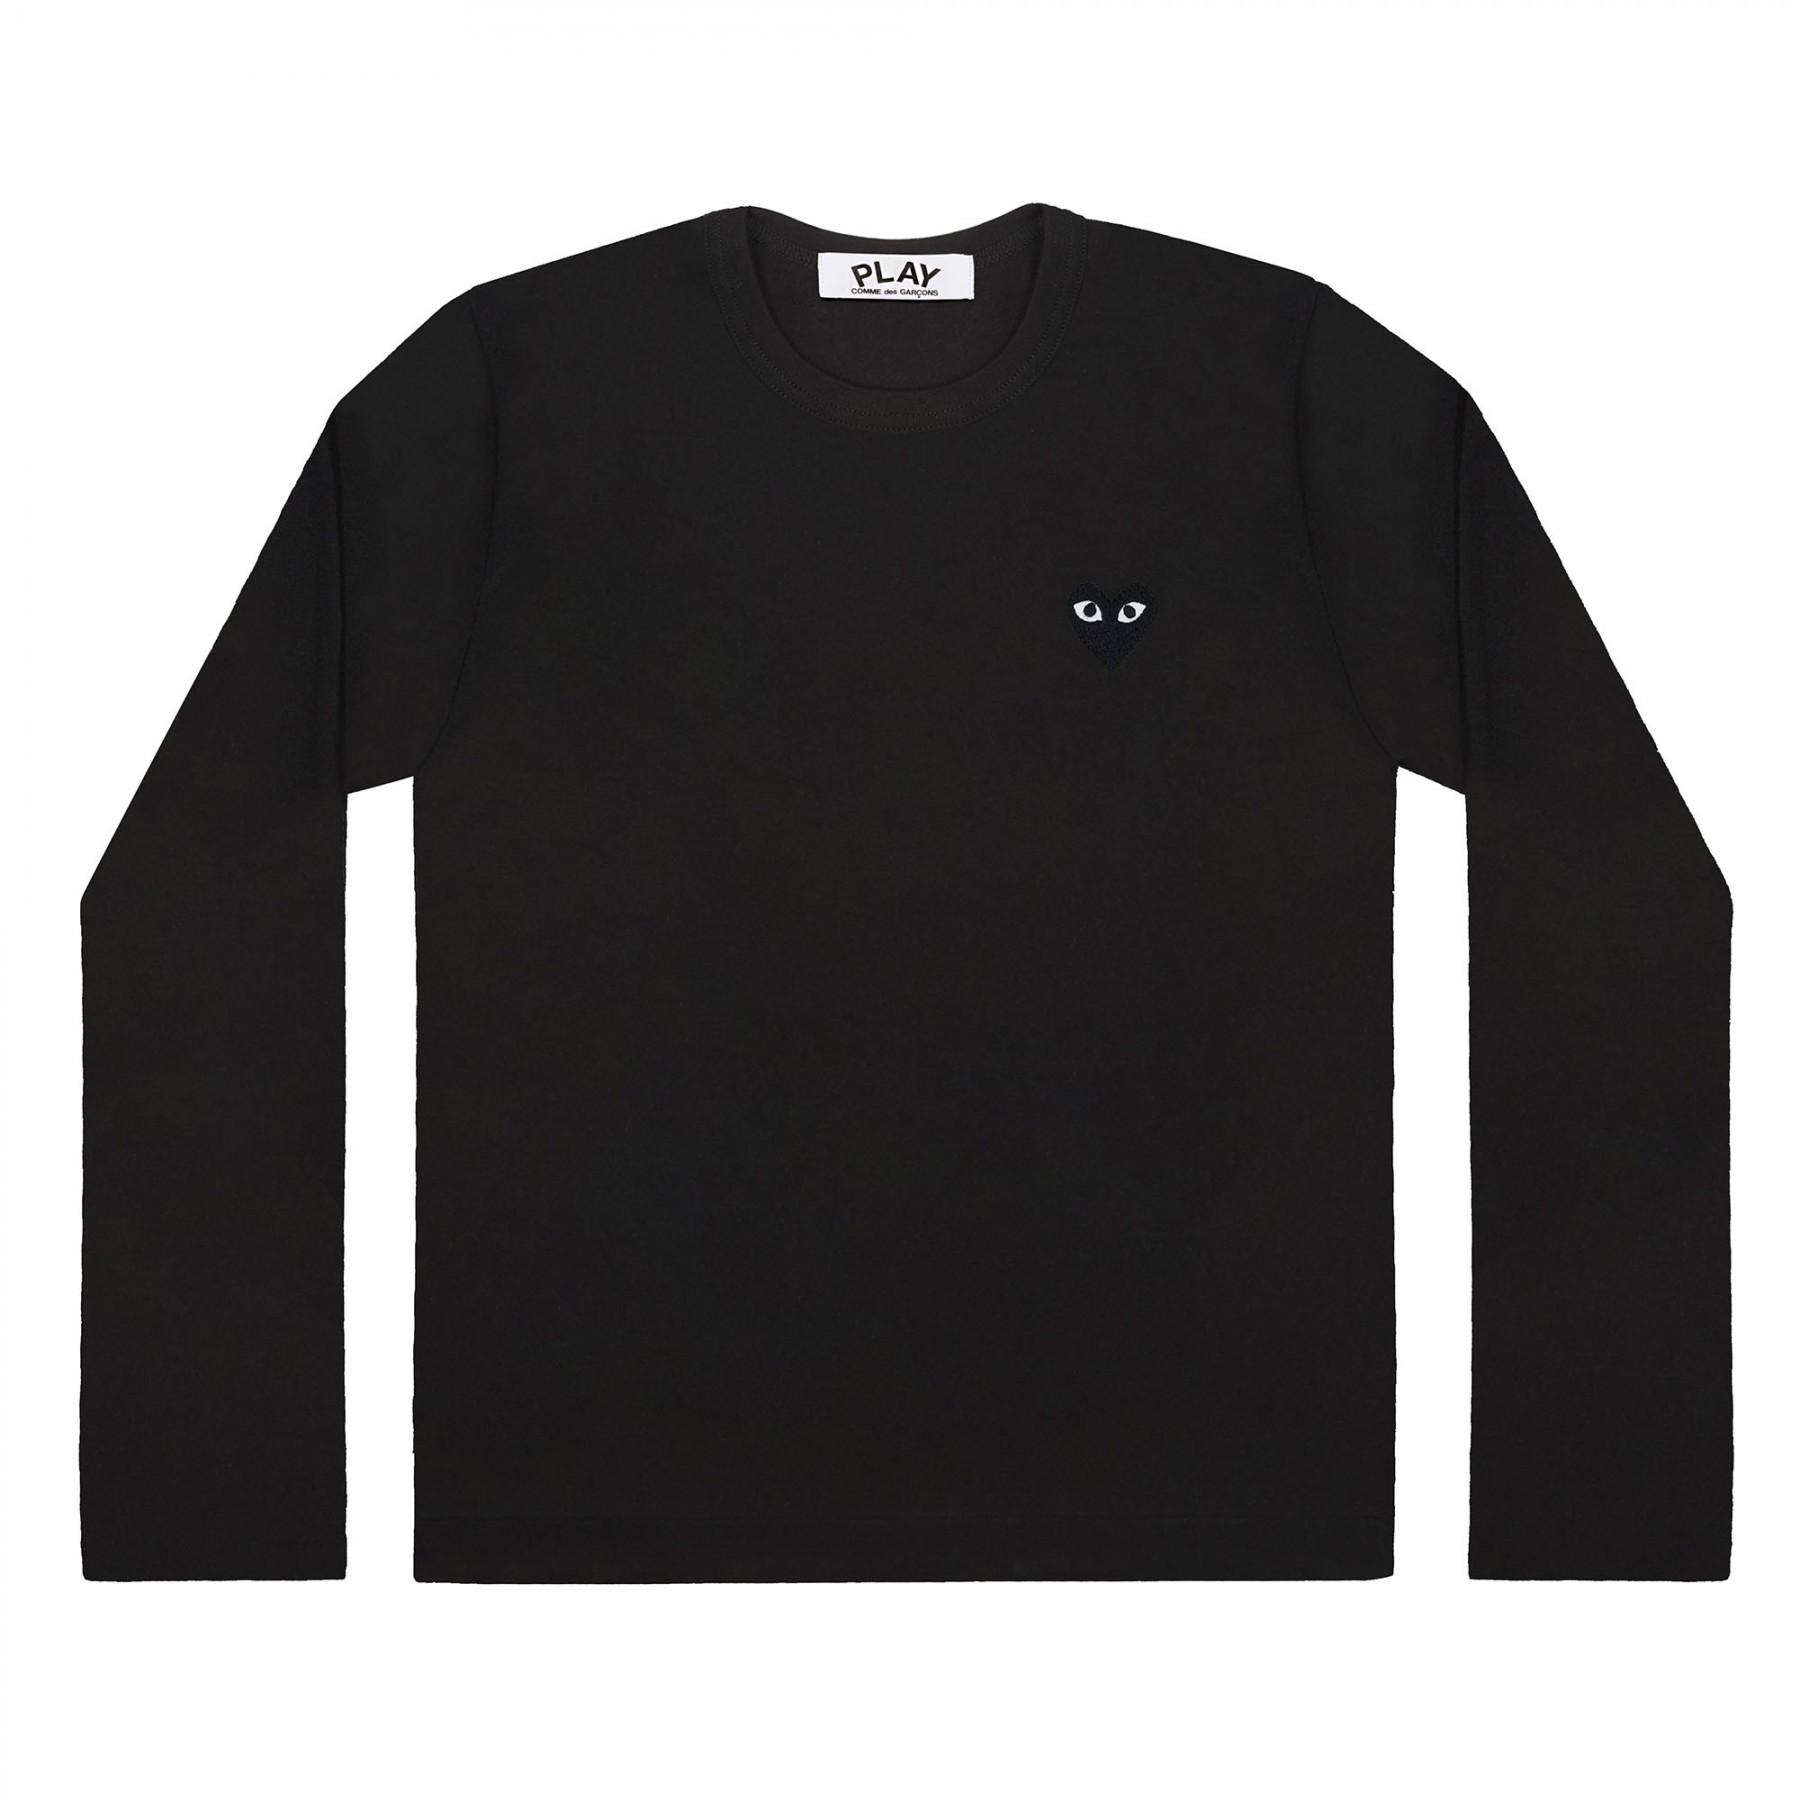 꼼데가르송 PLAY 블랙 티셔츠 원포인트 블랙하트 (여성)